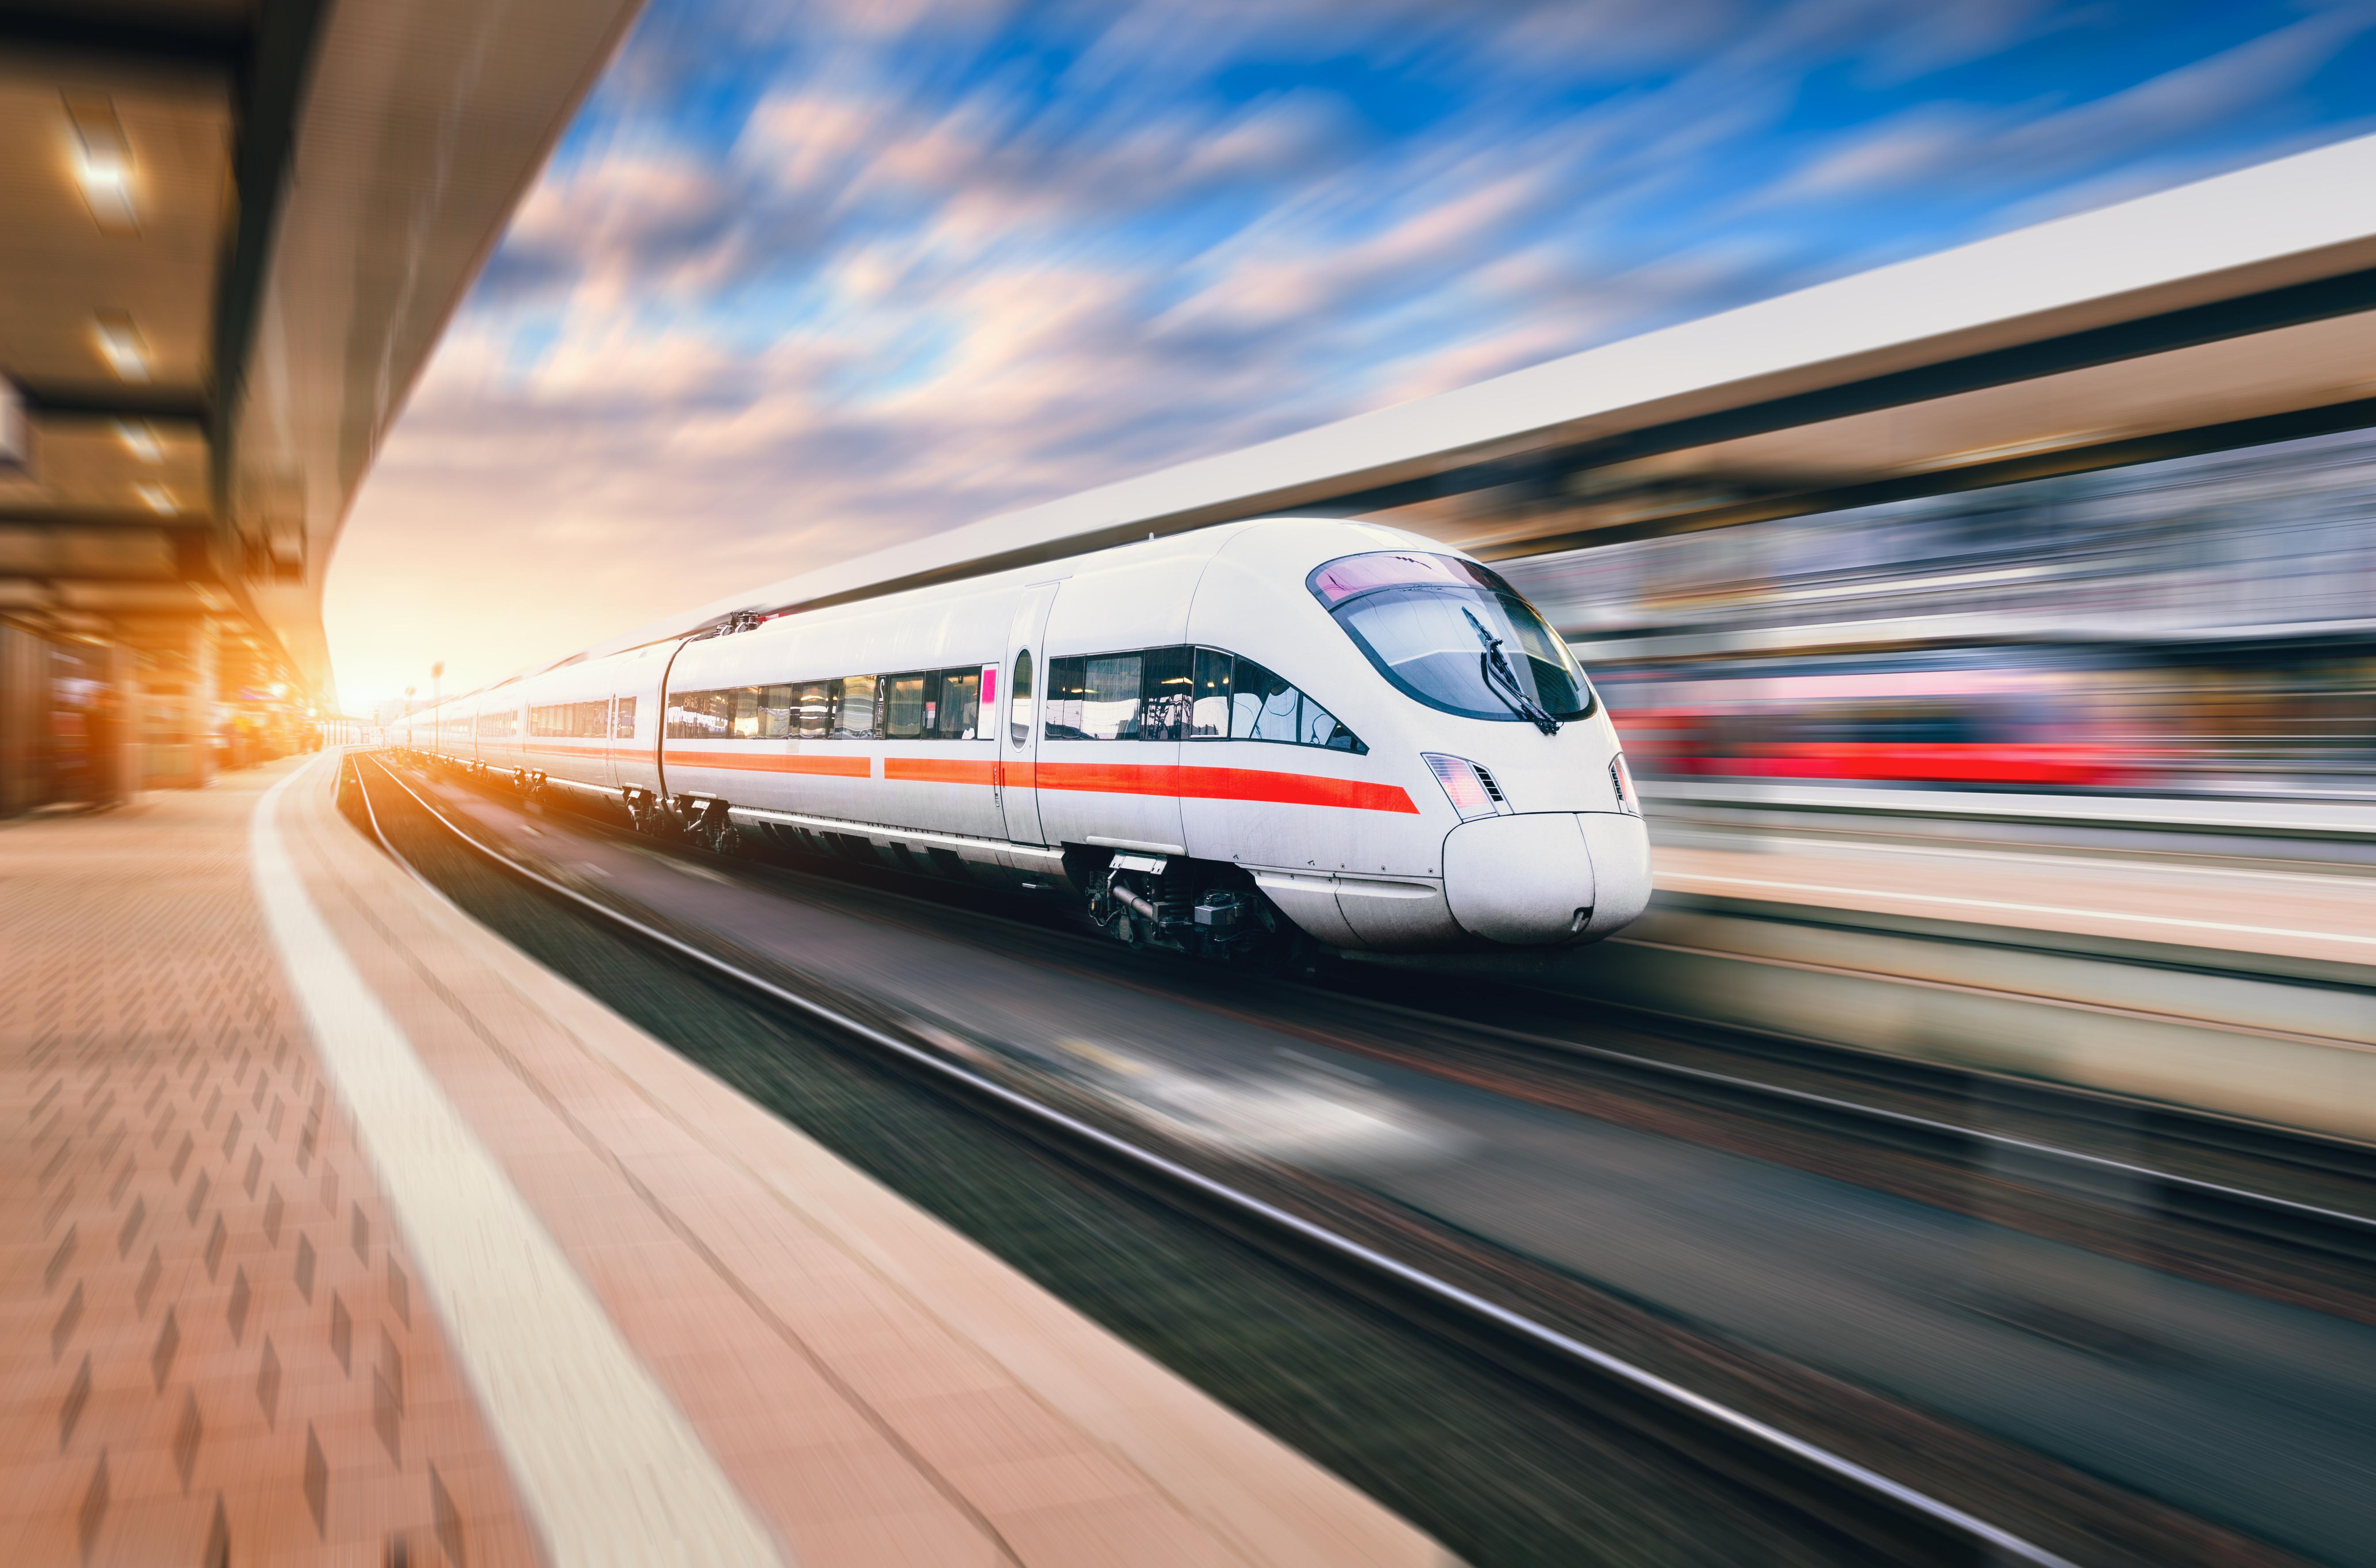 transportes europeus melhorou 60% com Big Data e inteligência artificial